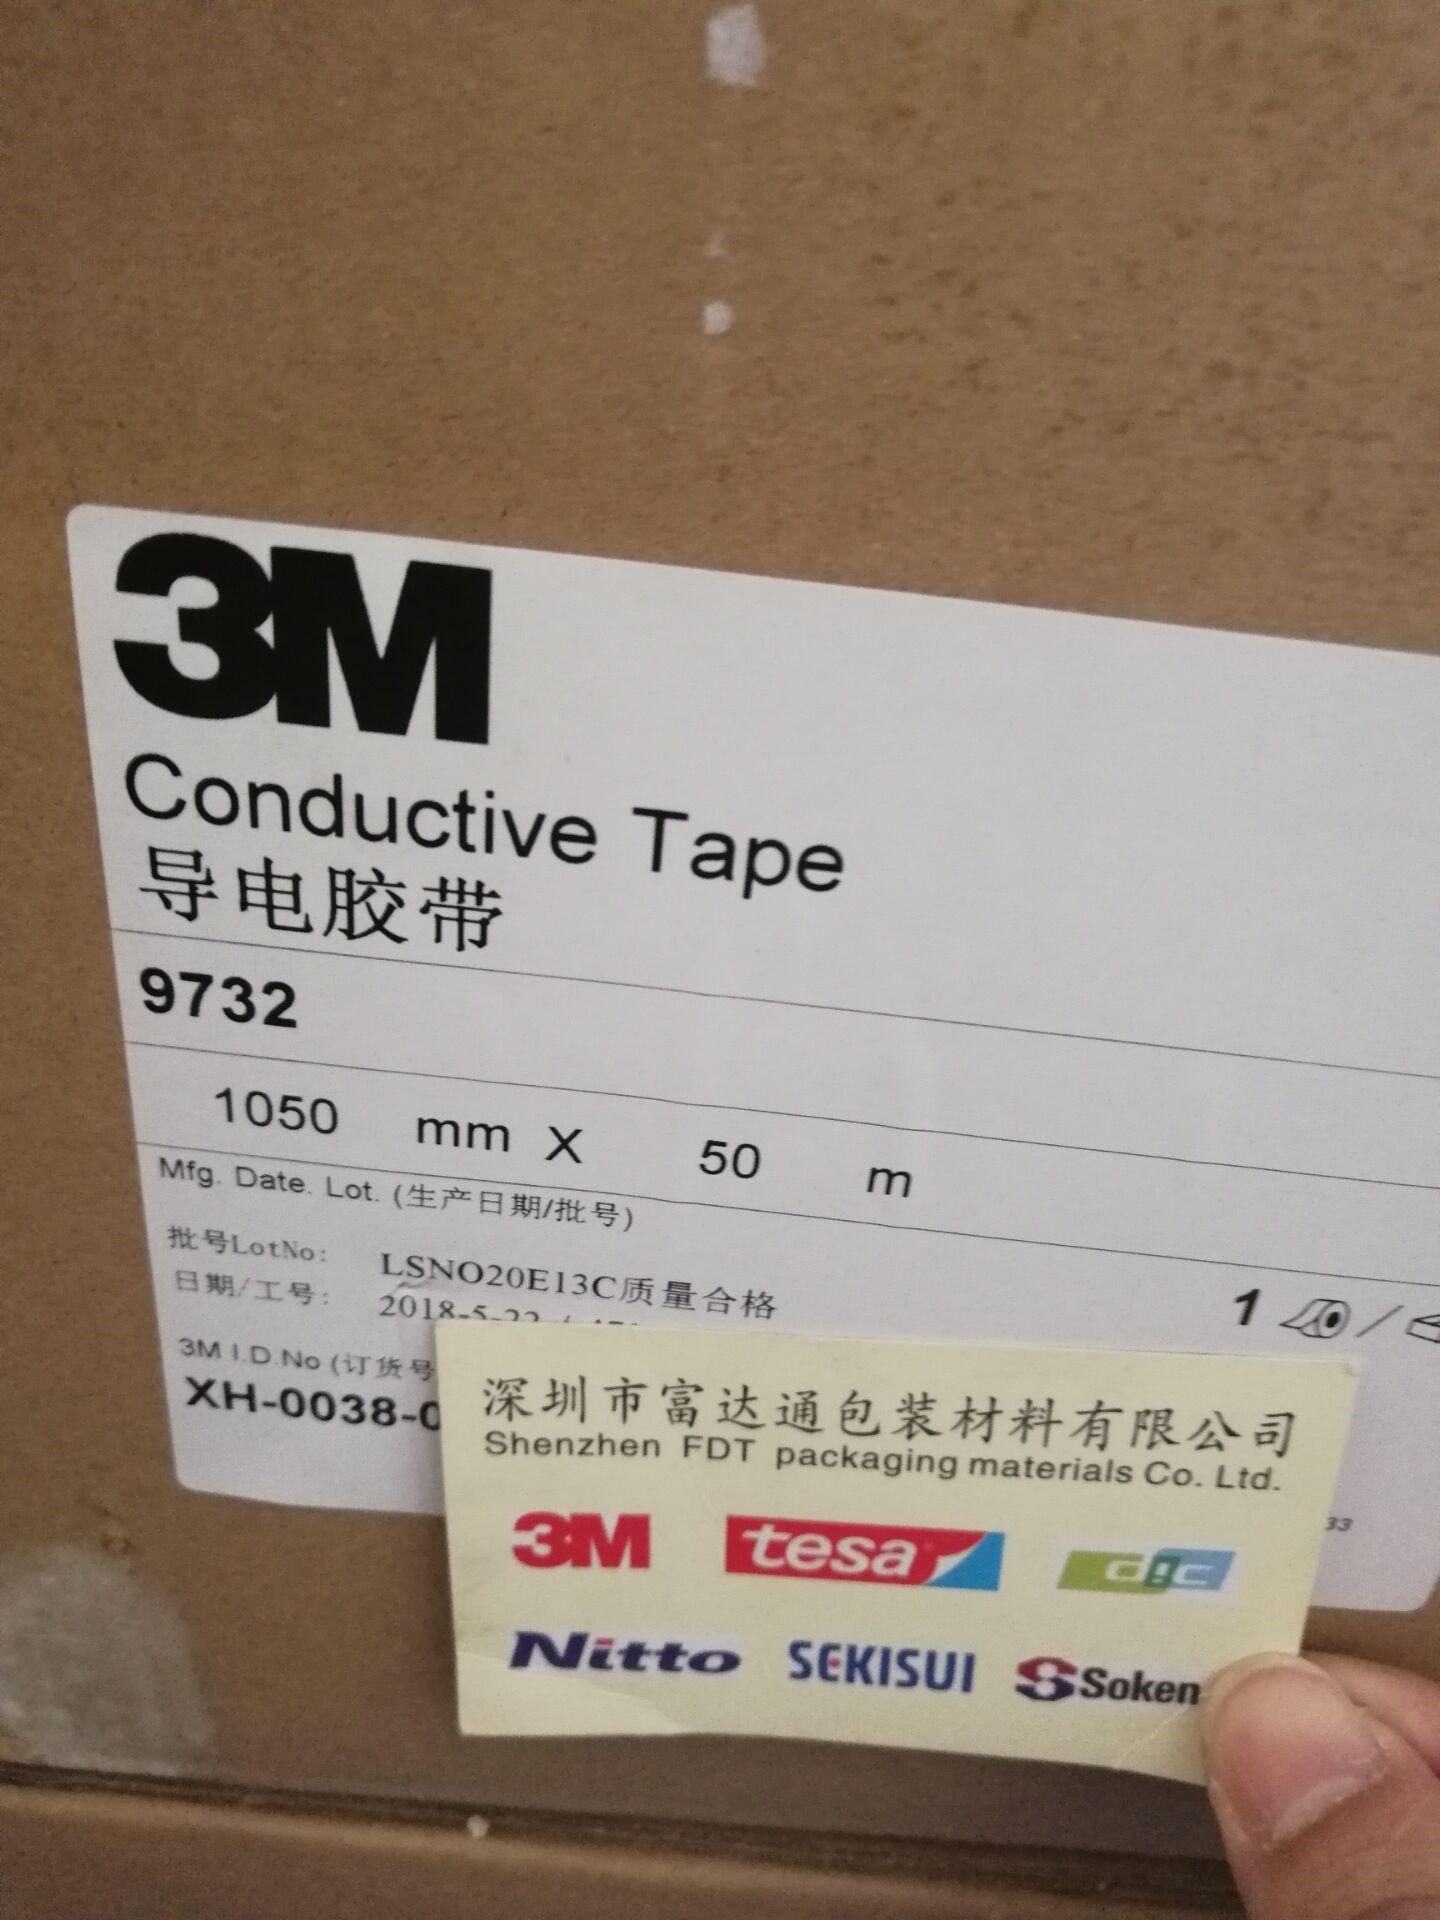 深圳富德鑫胶粘厂家直销3M导电胶带